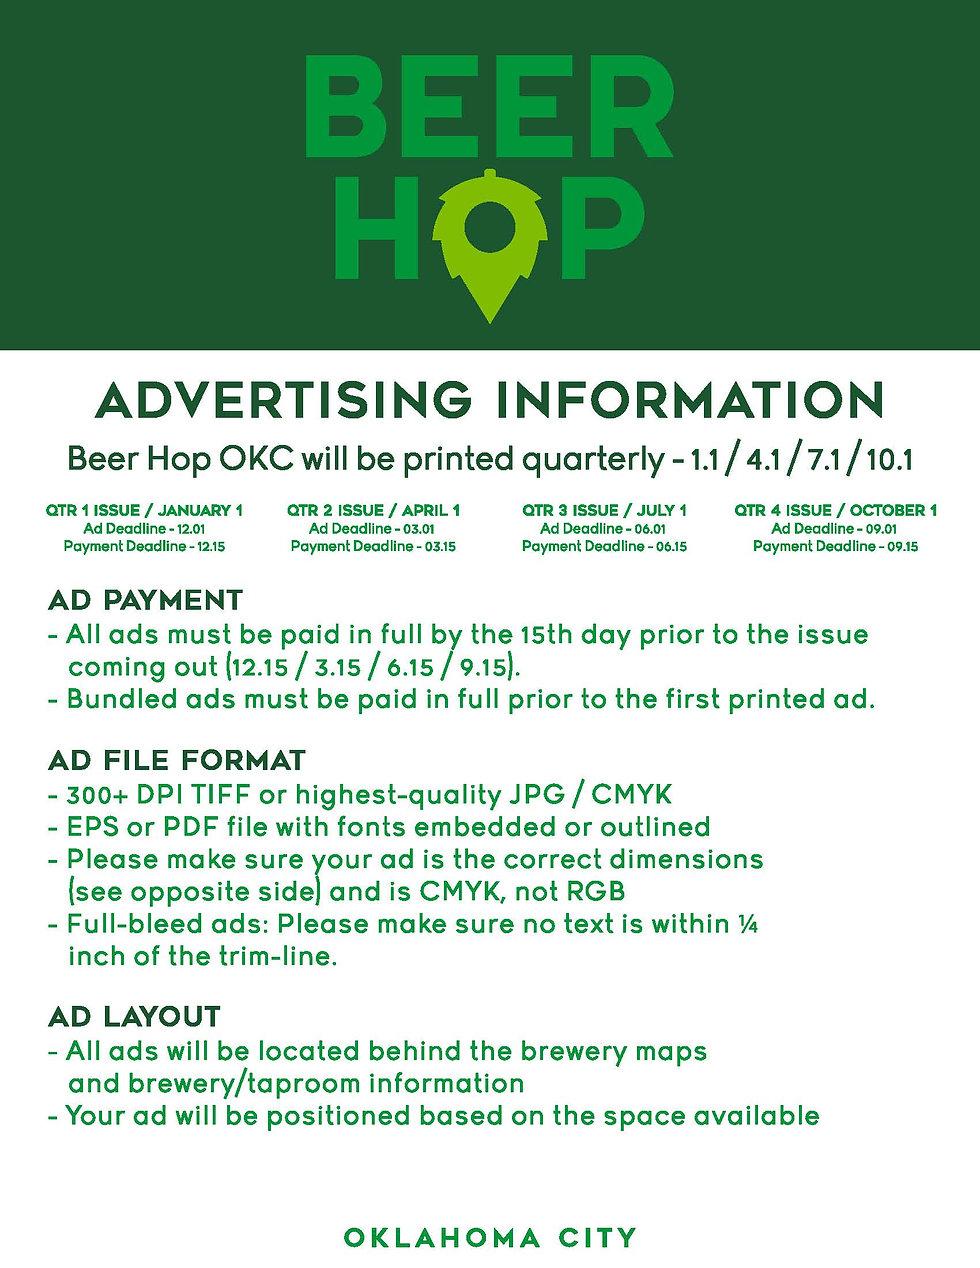 BeerHop_OKC_Advertising(web)_Page_2.jpg